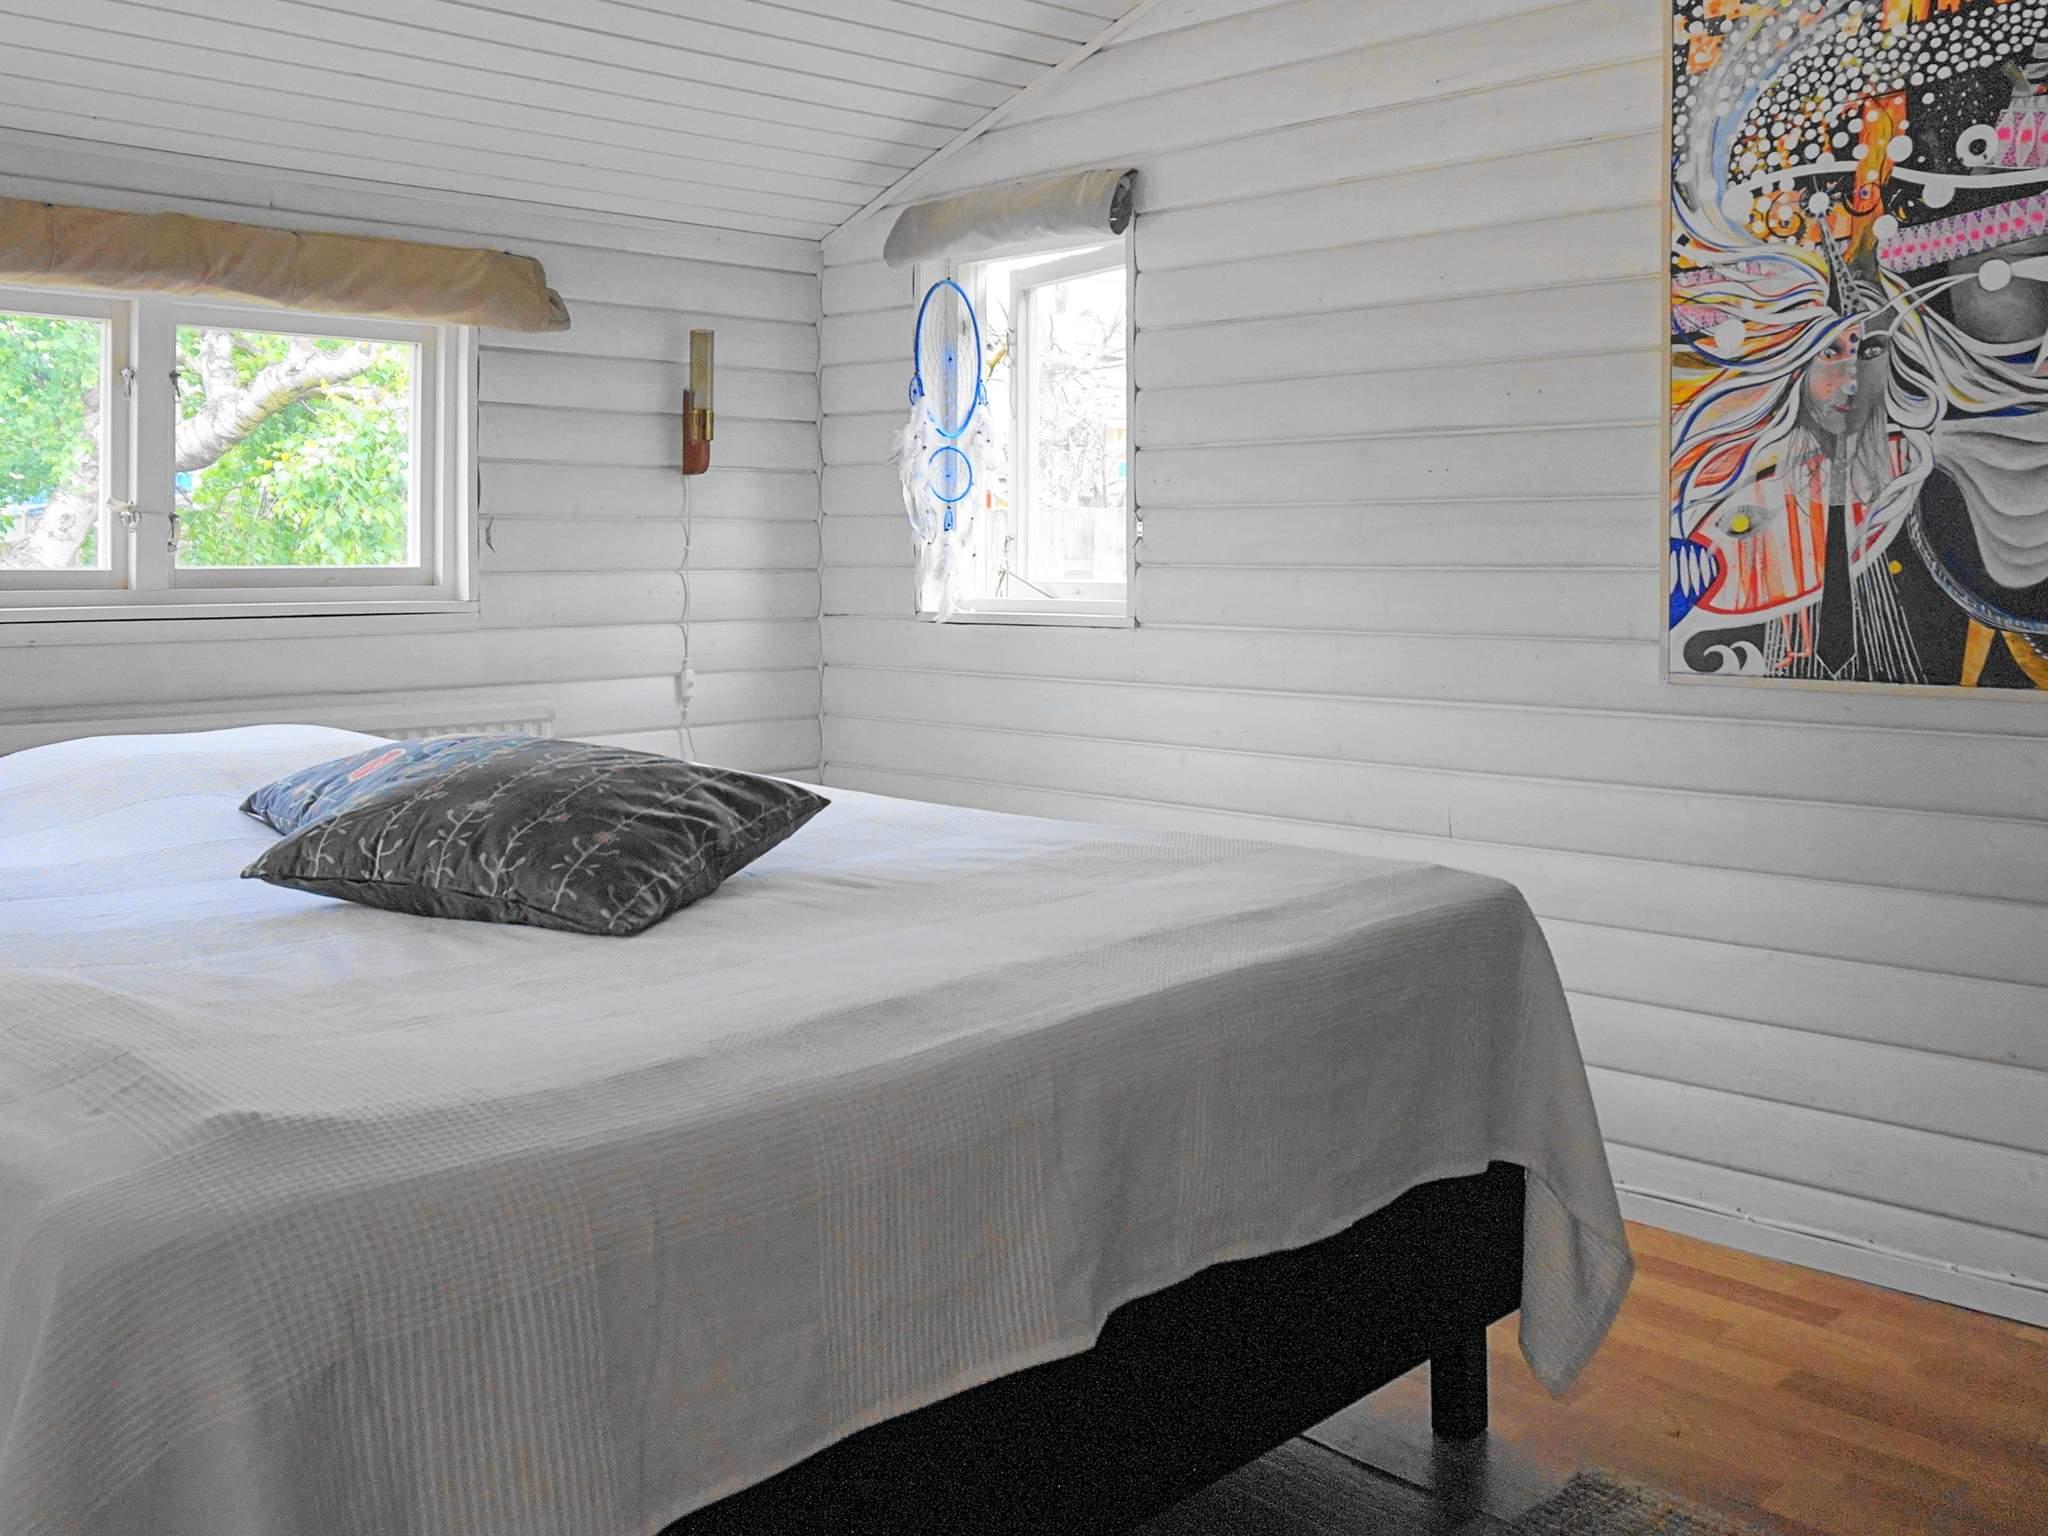 Ferienhaus Tjörn/Höviksnäs (2432182), Höviksnäs, Tjörn, Westschweden, Schweden, Bild 5